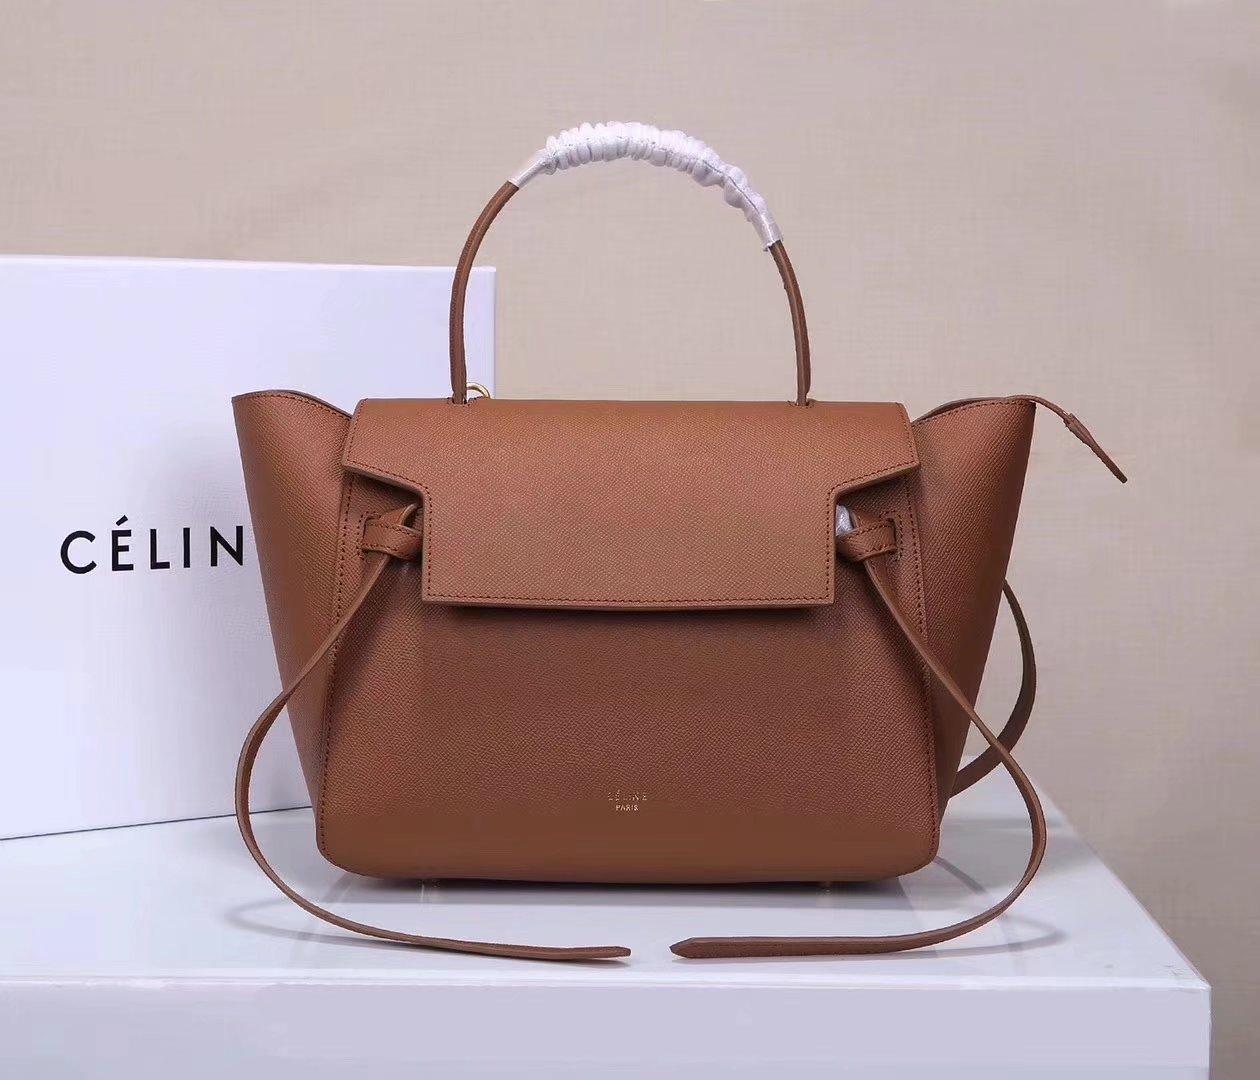 Celine Women Mini Belt Bag in Grained Calfskin Leather Coffee